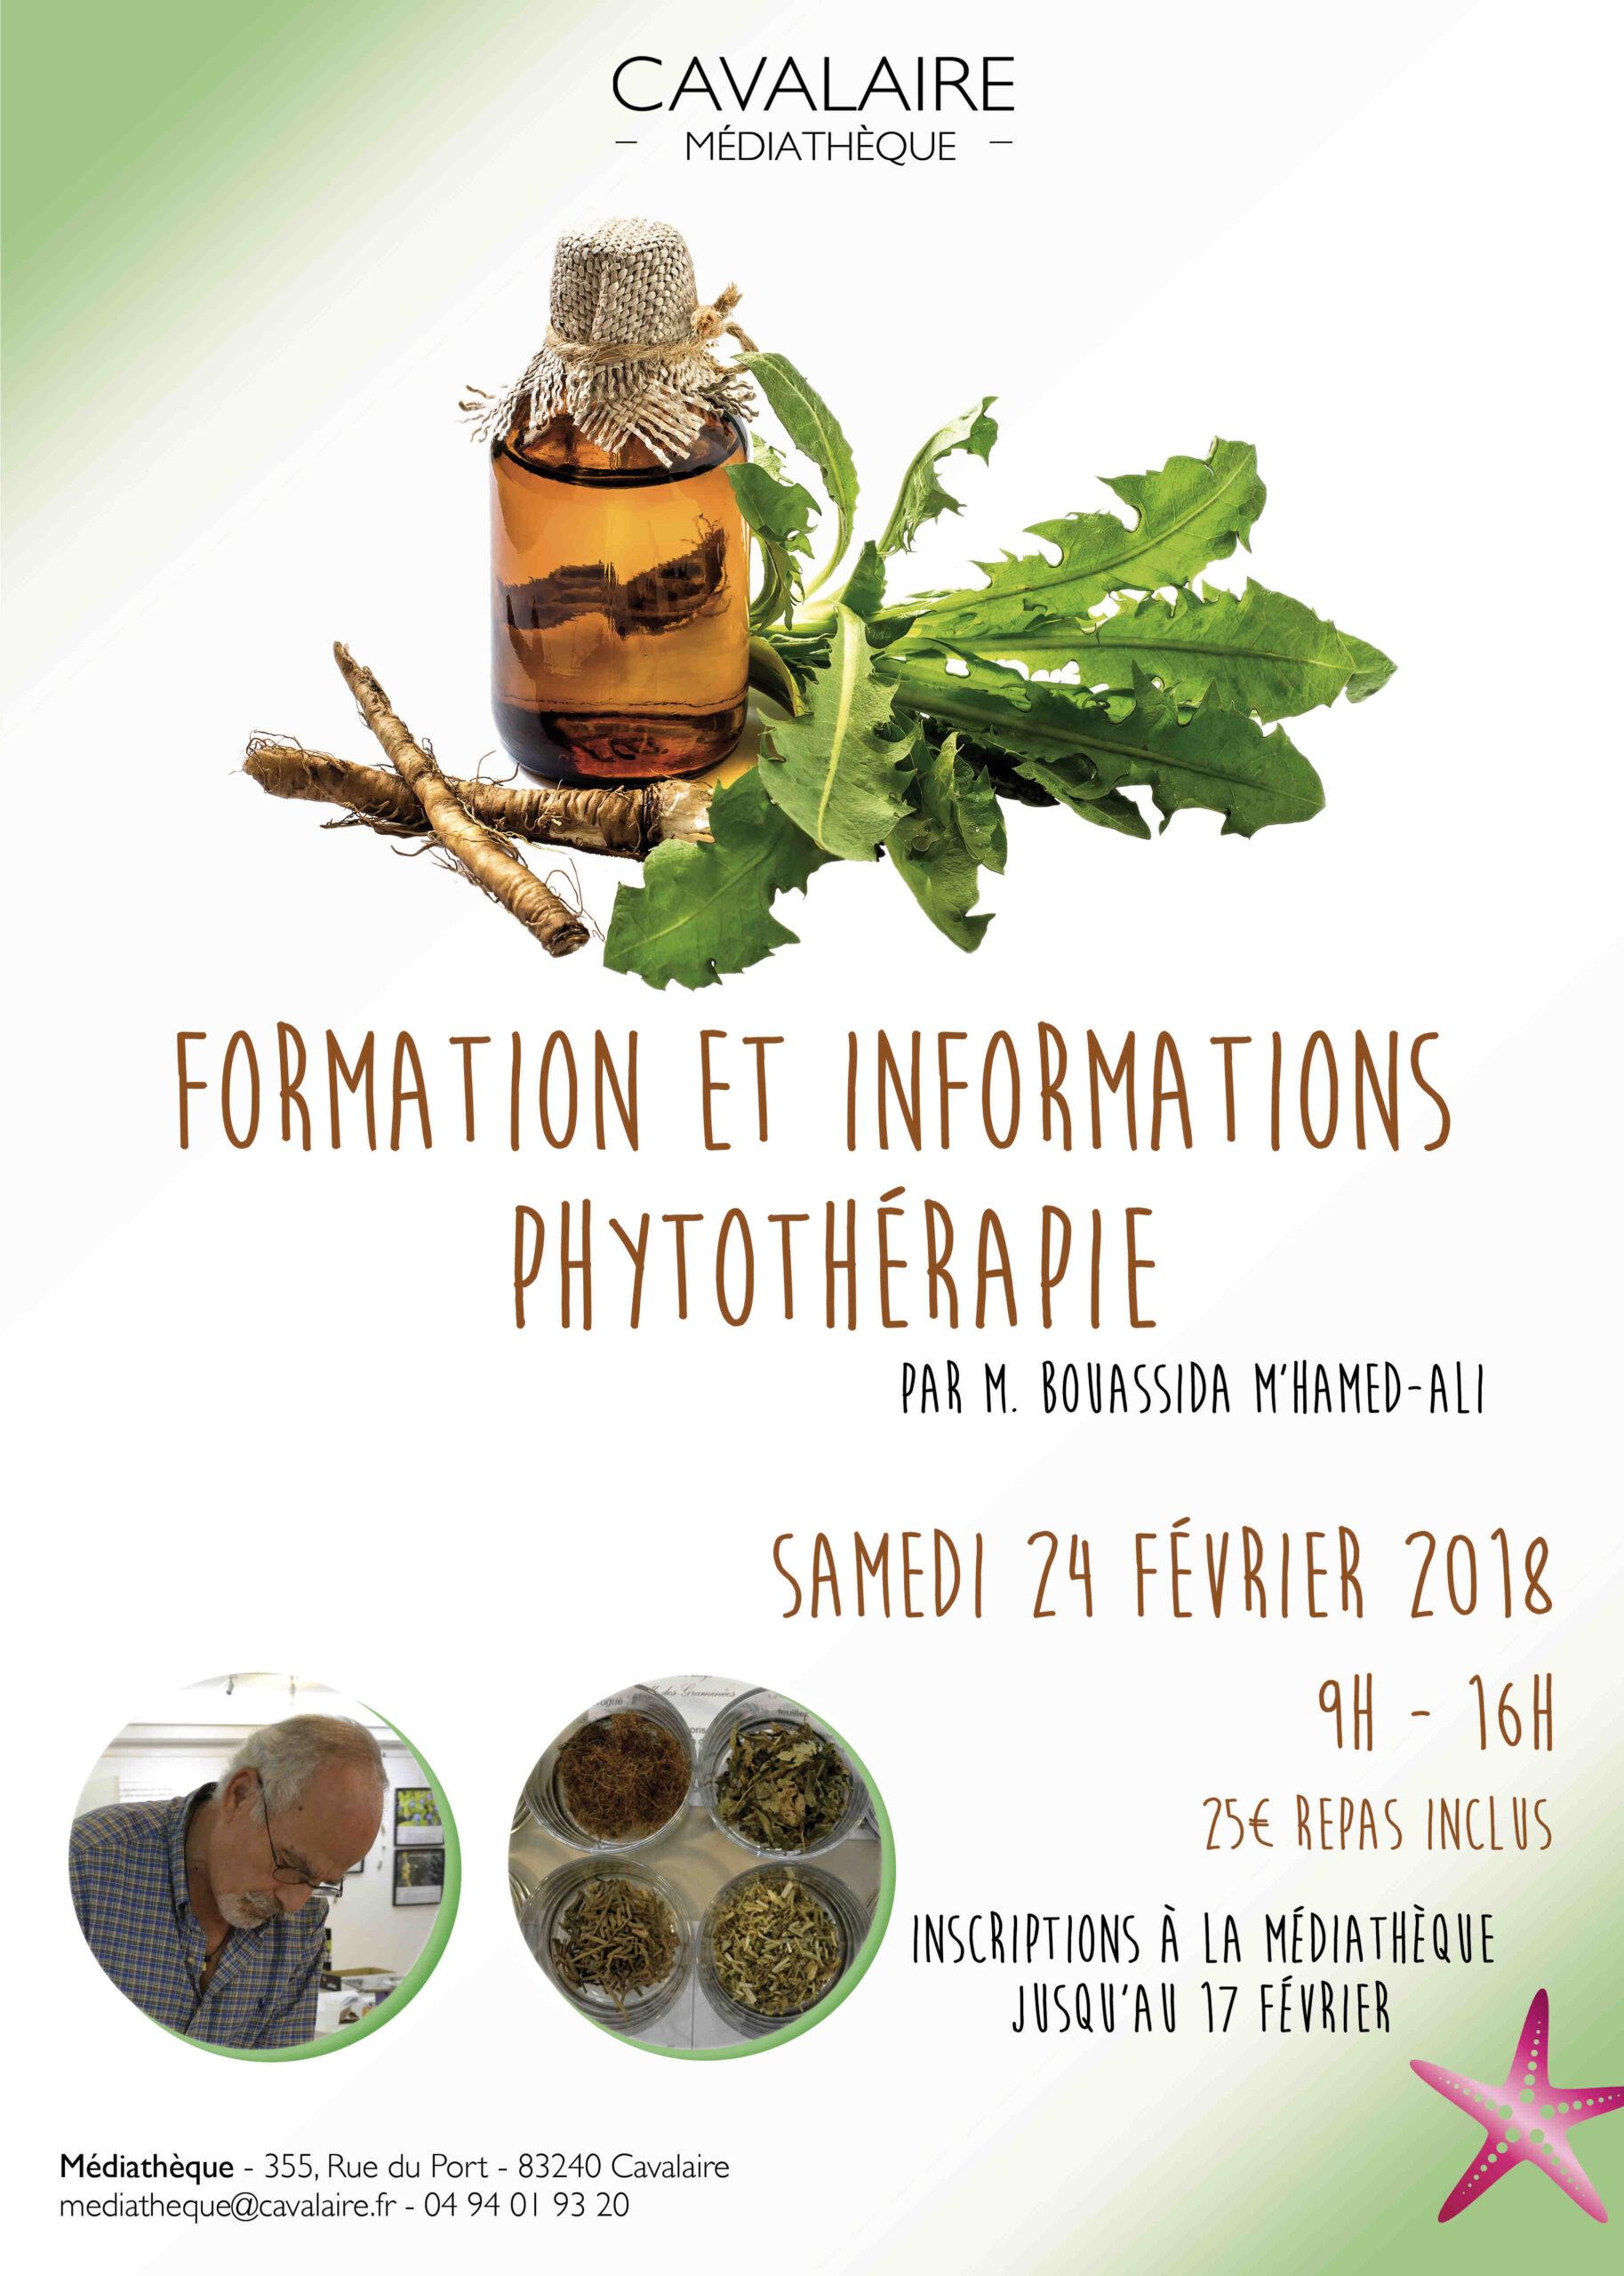 Qui peut pratiquer la phytothérapie ?